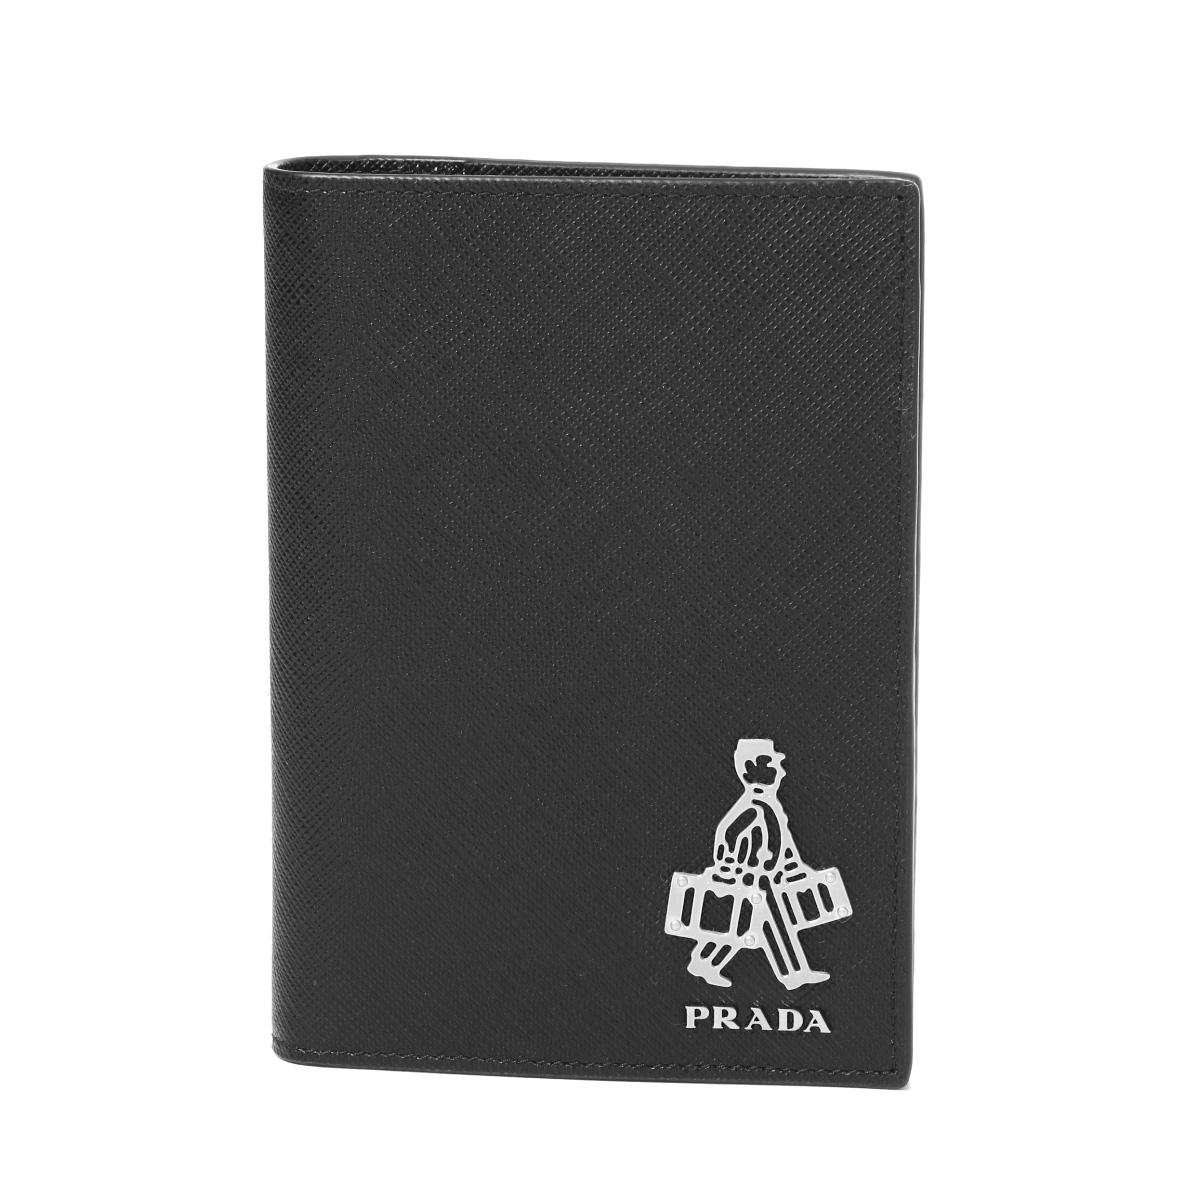 プラダ PRADA パスポートケース メンズ 2MV412 9Z2 F0002 SAFFIANO TRAVEL NERO ブラック